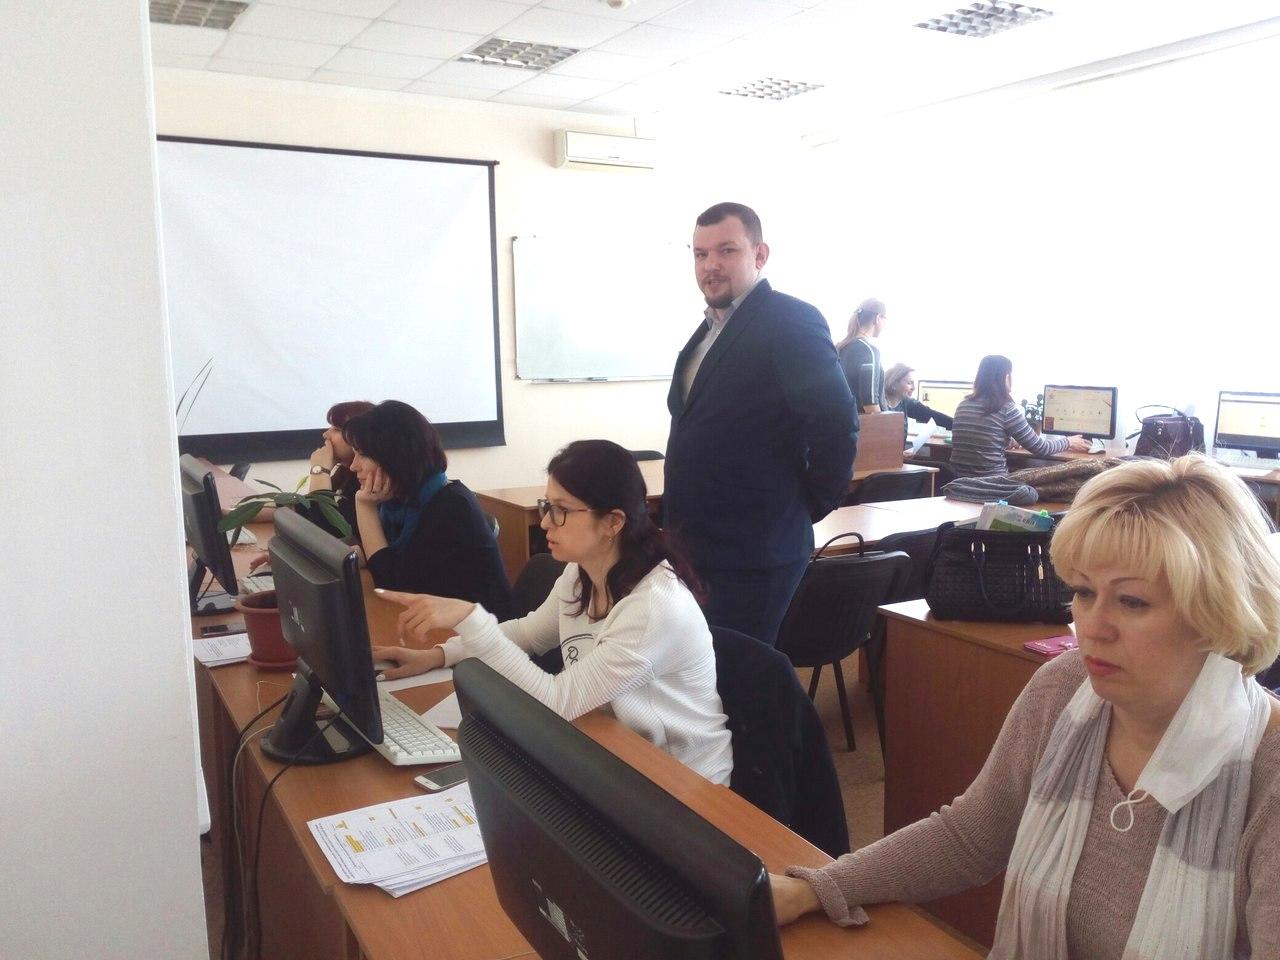 Брокер коммерческой недвижимости обучение ставки капитализации для коммерческой недвижимости москвы